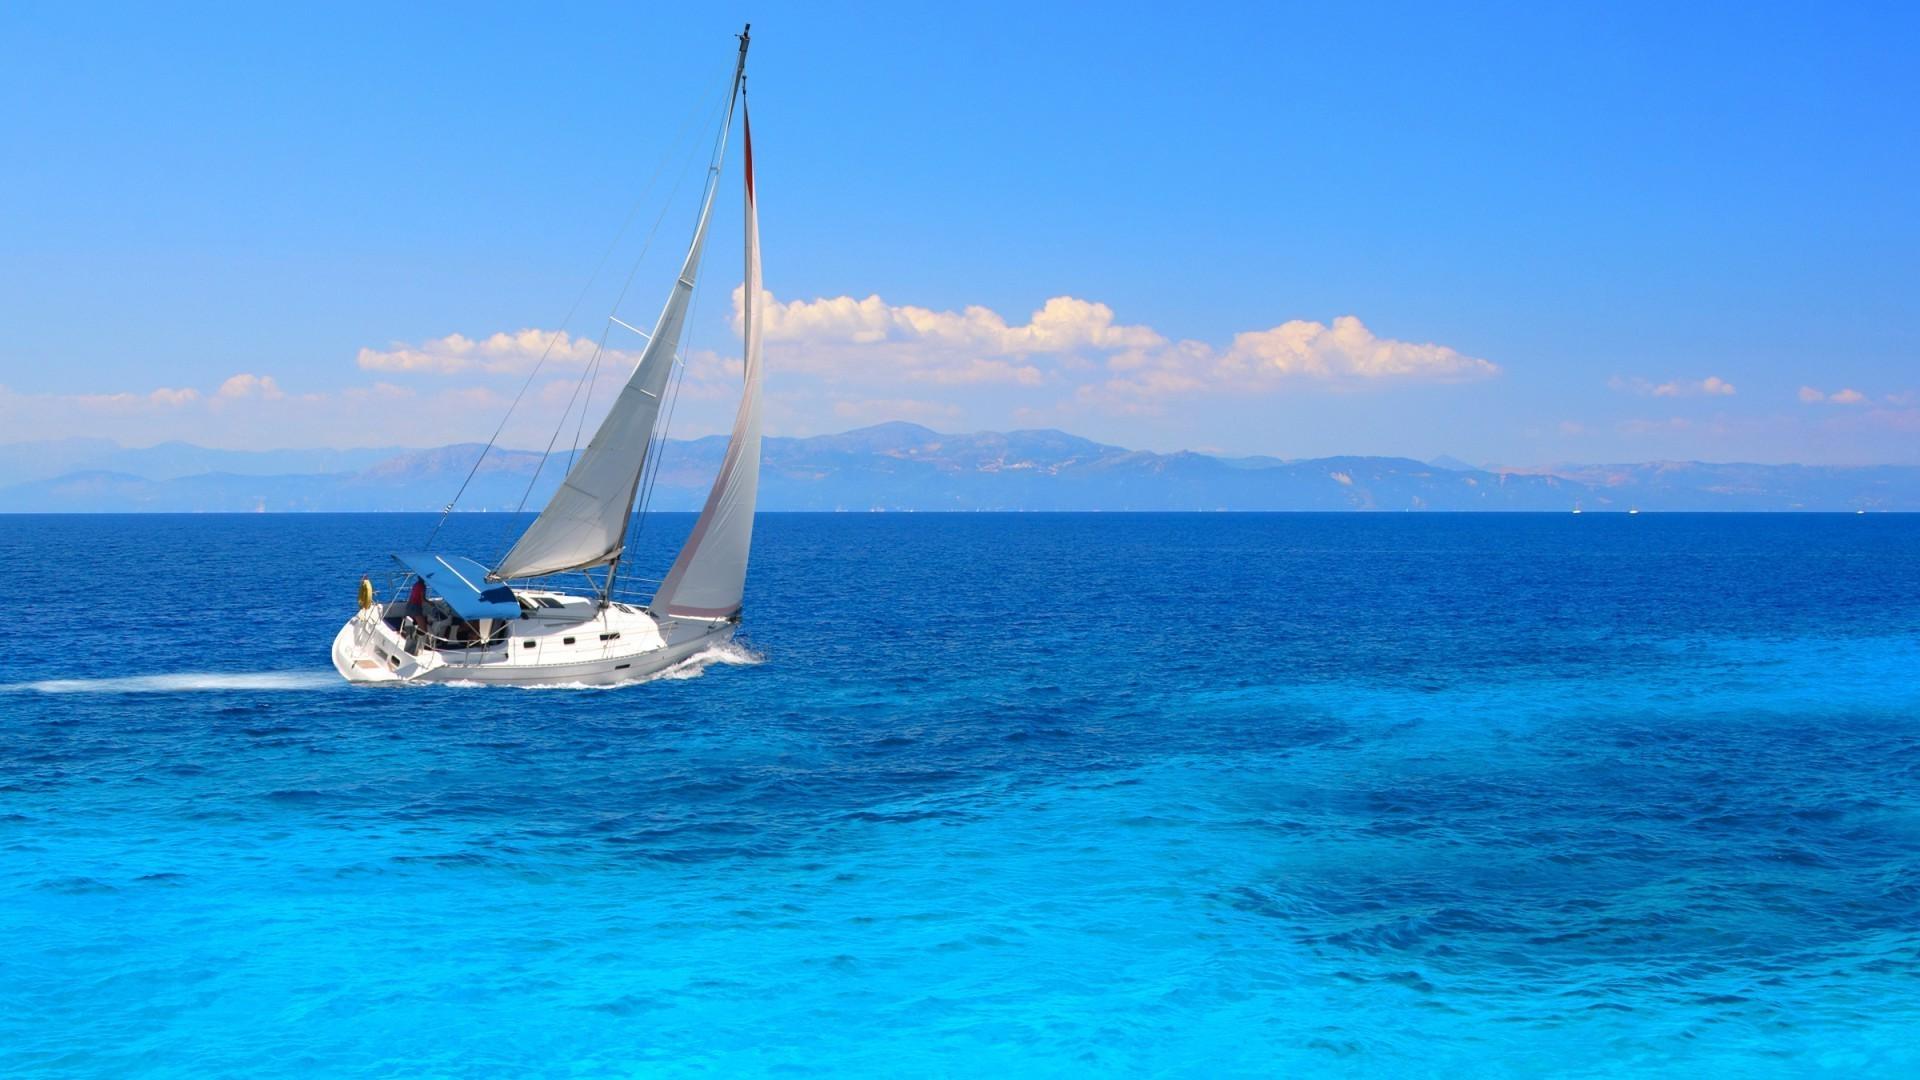 яхта парус море остров  № 3944464 бесплатно